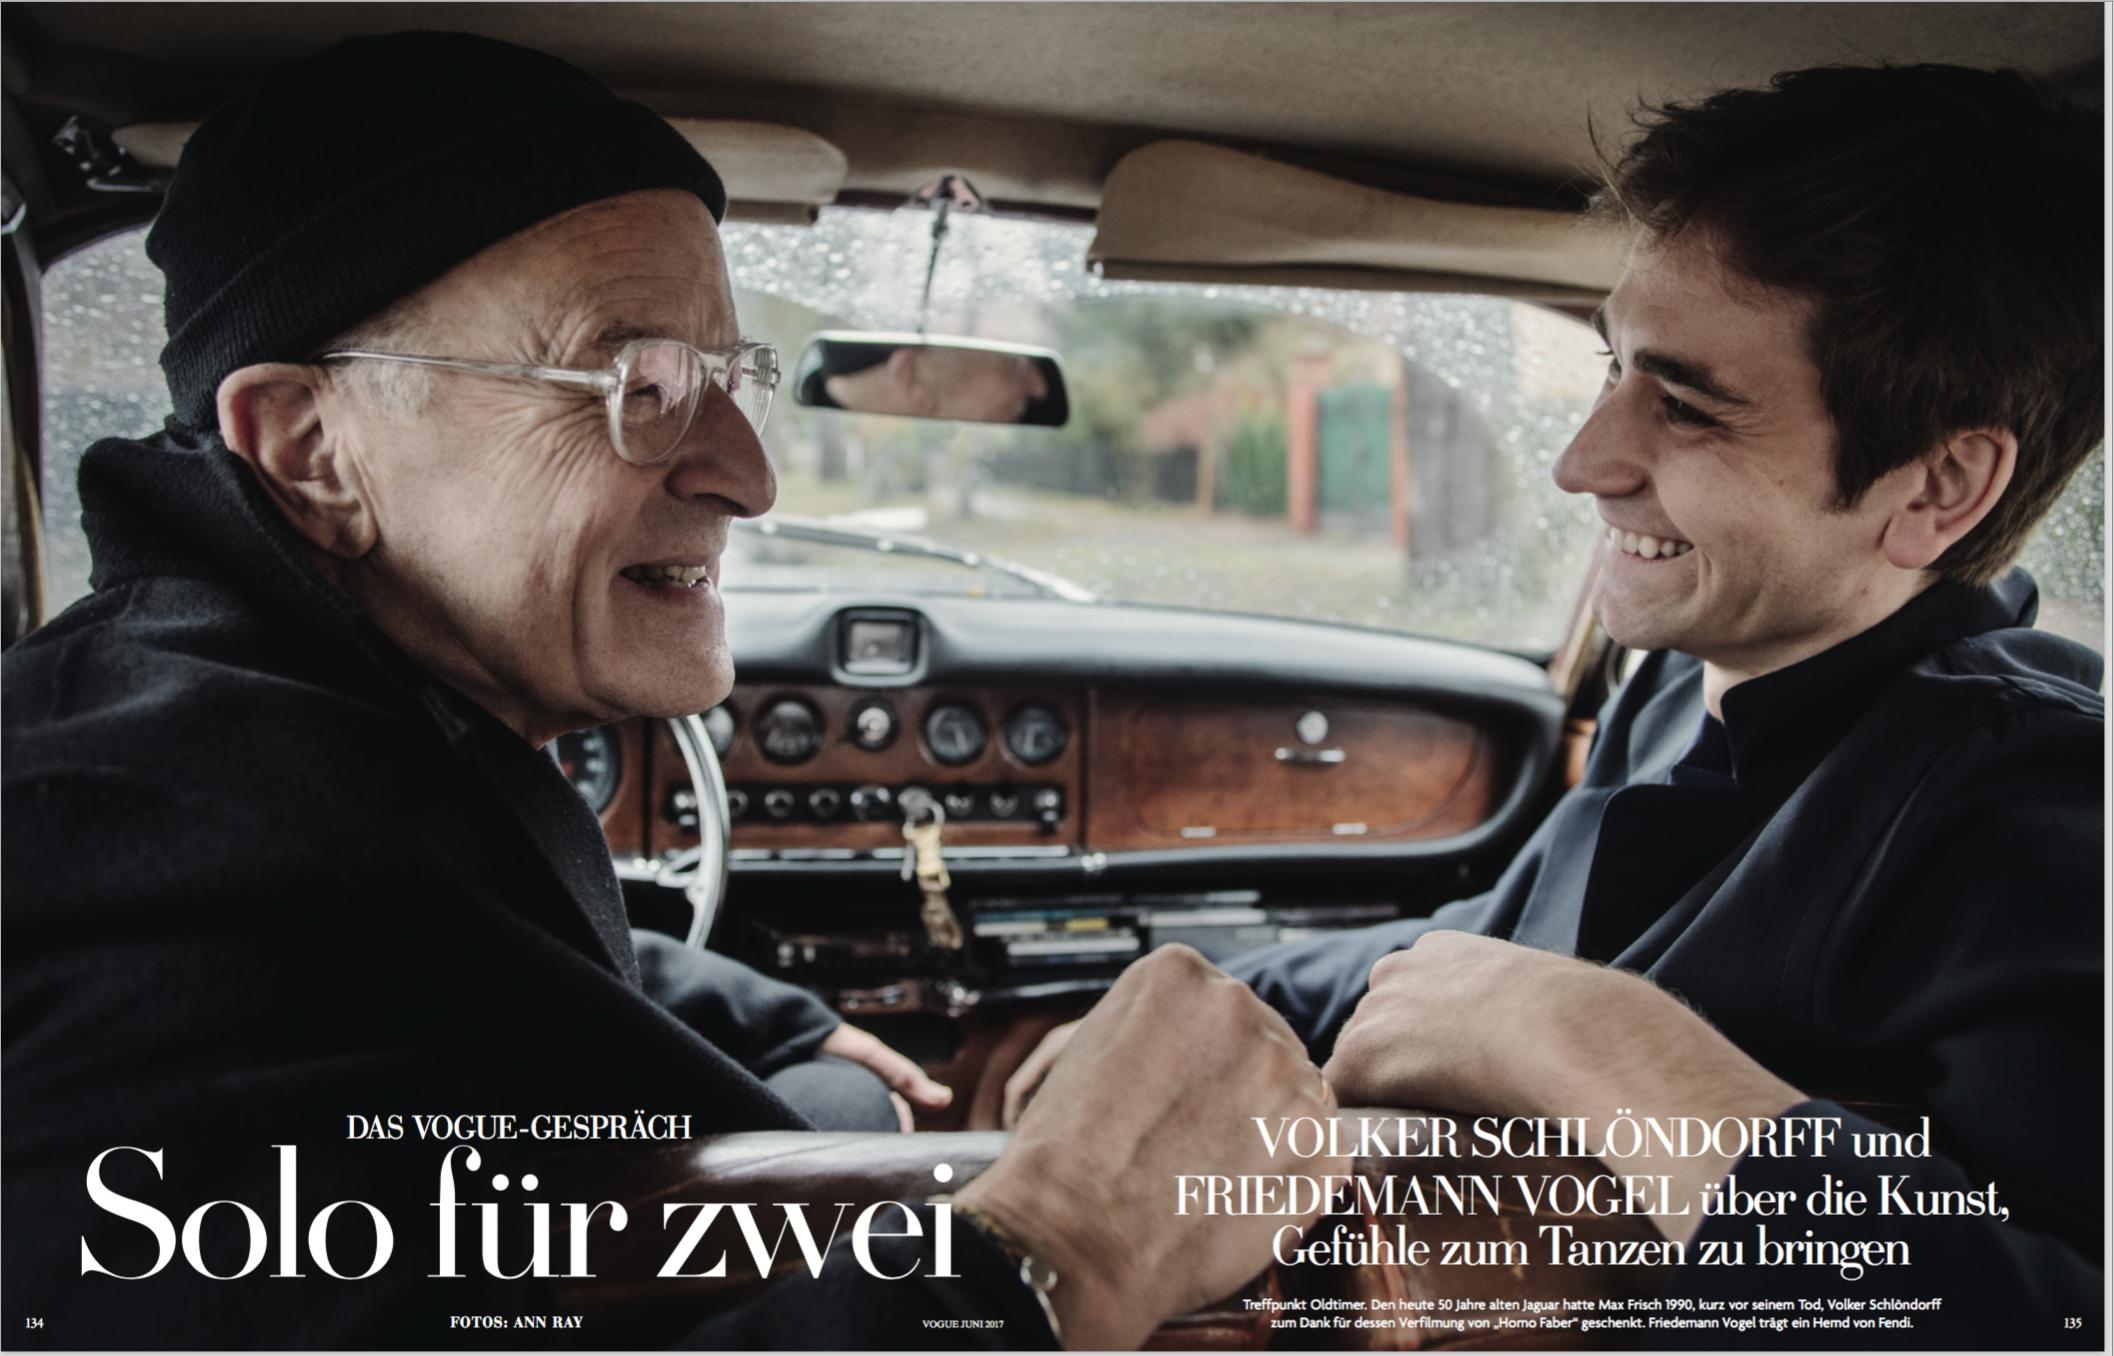 Vogue DE conversation p1.png